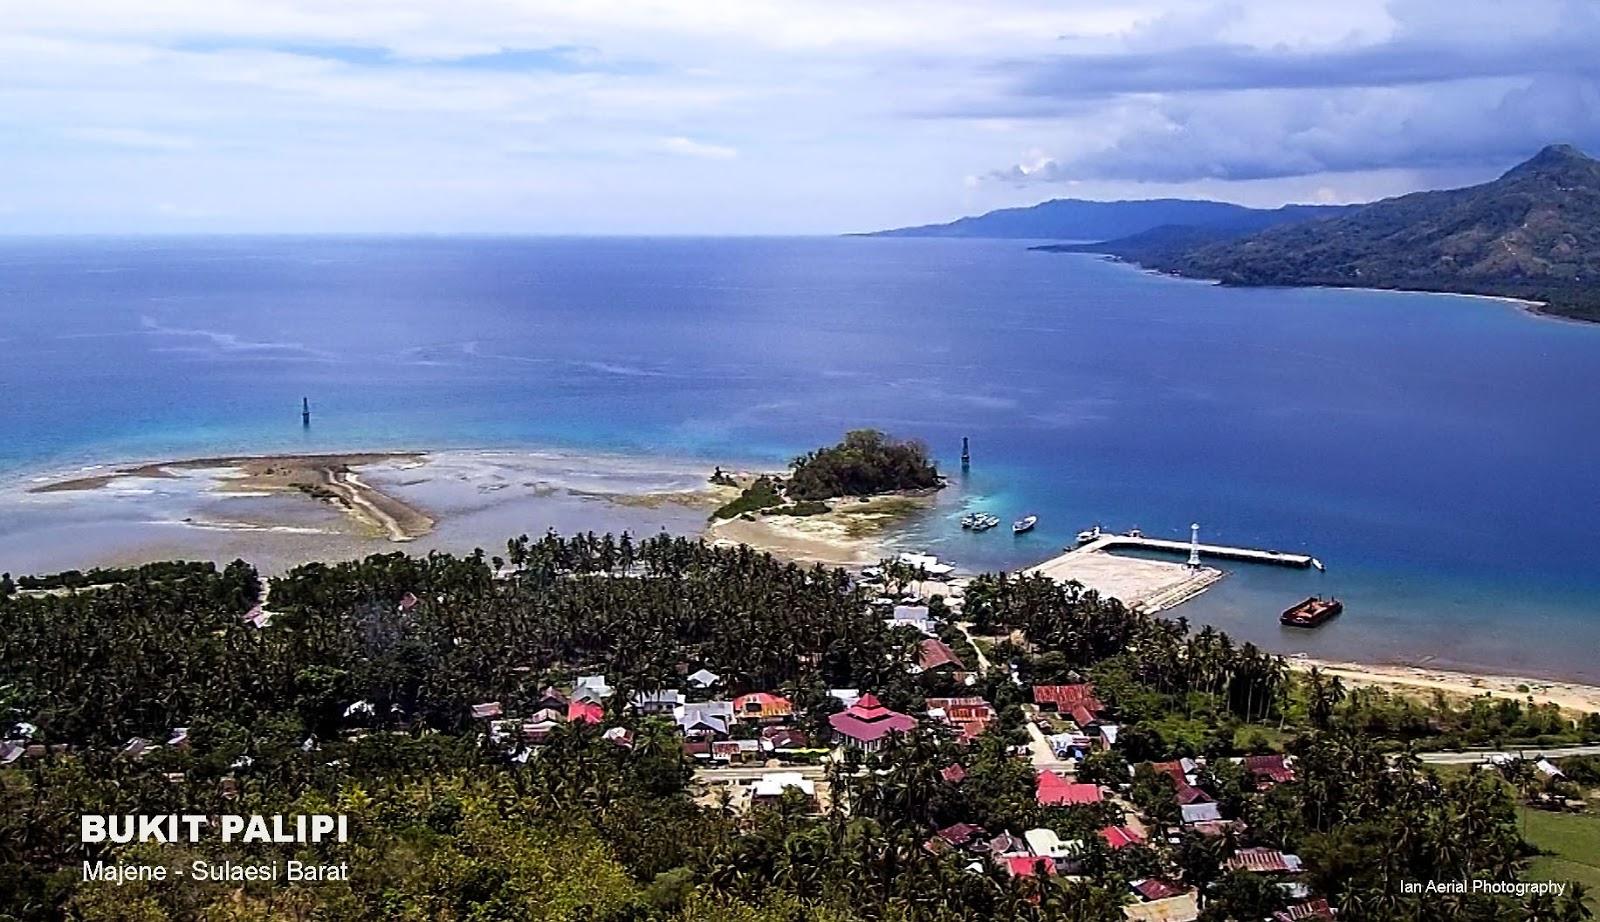 Palipi Hill